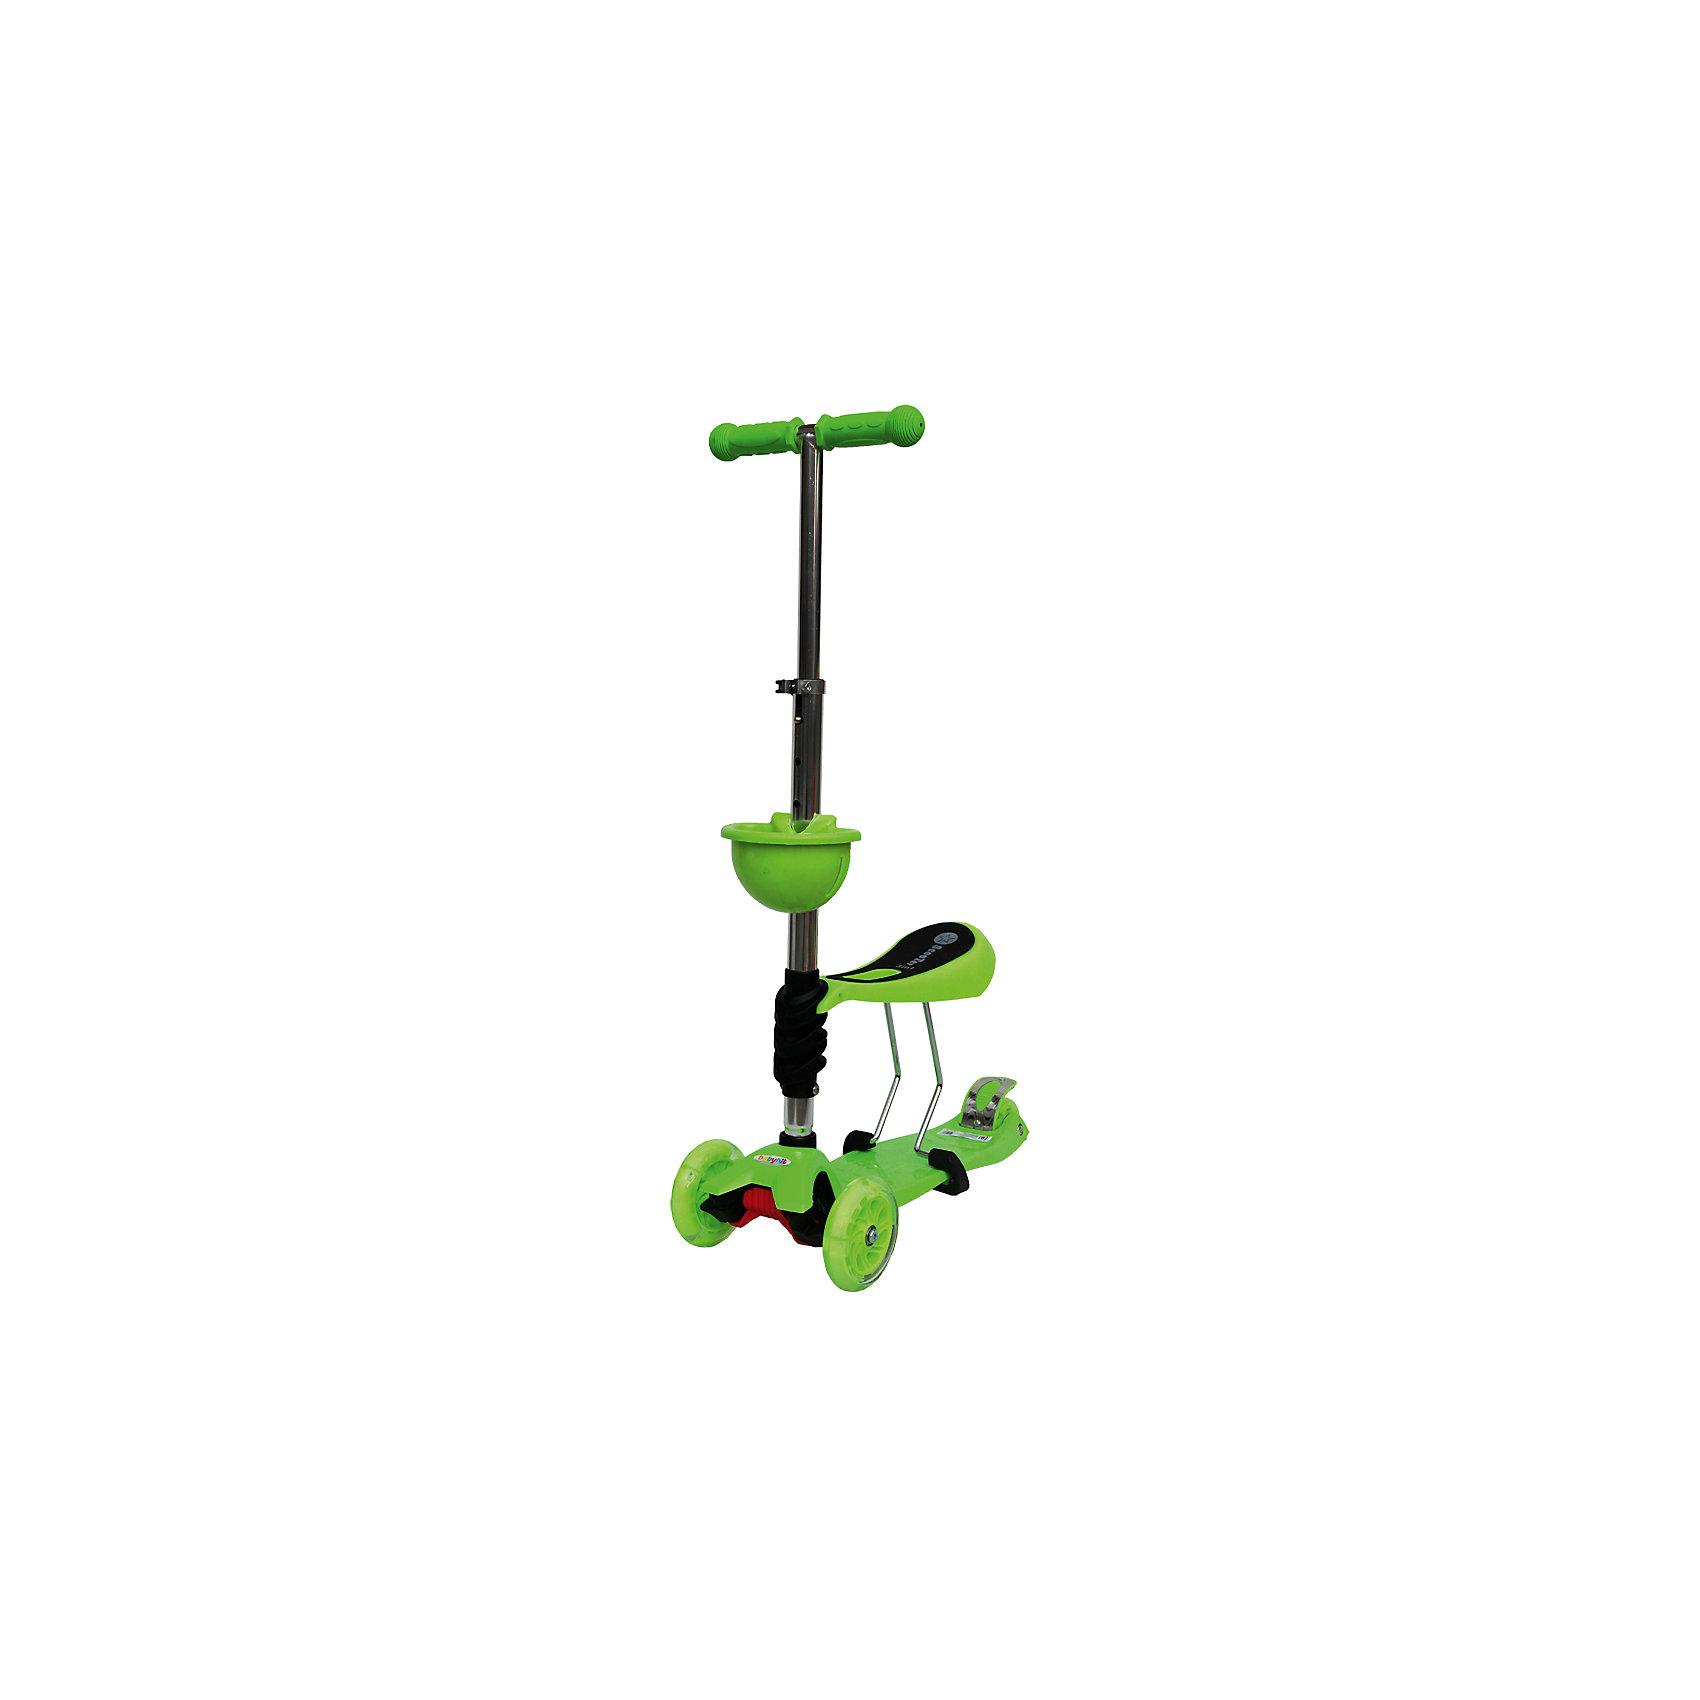 Самокат, зеленый, ScooterOK TolocarСамокаты<br>Особенности самоката-толокара Babyhit ScooterOk Tolocar:<br>• Для детей от 3-х лет<br>• Регулируемая по высоте ручка (от 65 до 90 см) <br>• Силиконовые колеса со светодиодной подсветкой<br>• Задние сдвоенные колеса для большей устойчивости<br>• Съемное сидение, превращающее самокат в толокар (на высоте 40 см)<br>• Корзинка для мелочей<br>• Усиленная платформа <br>• Высокое качество применяемых материалов<br>• Диаметр колес: передние – 120 мм, задние – 80 мм<br>• Максимальная нагрузка - до 40 кг<br><br>Ширина мм: 600<br>Глубина мм: 145<br>Высота мм: 280<br>Вес г: 3660<br>Цвет: зеленый<br>Возраст от месяцев: 36<br>Возраст до месяцев: 2147483647<br>Пол: Унисекс<br>Возраст: Детский<br>SKU: 5614424